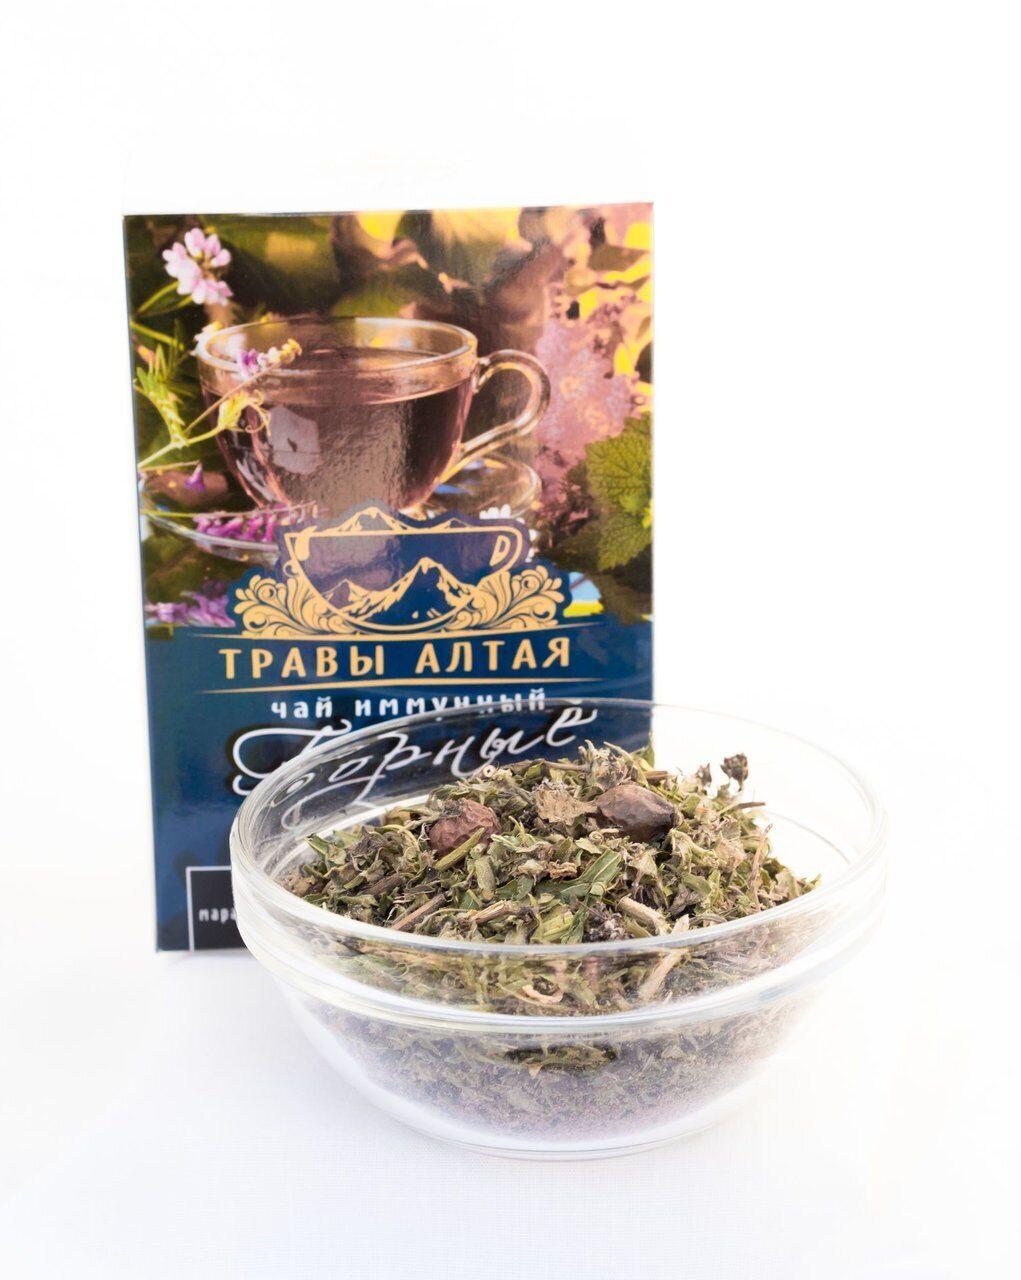 чай золотой алтай для похудения номер 1